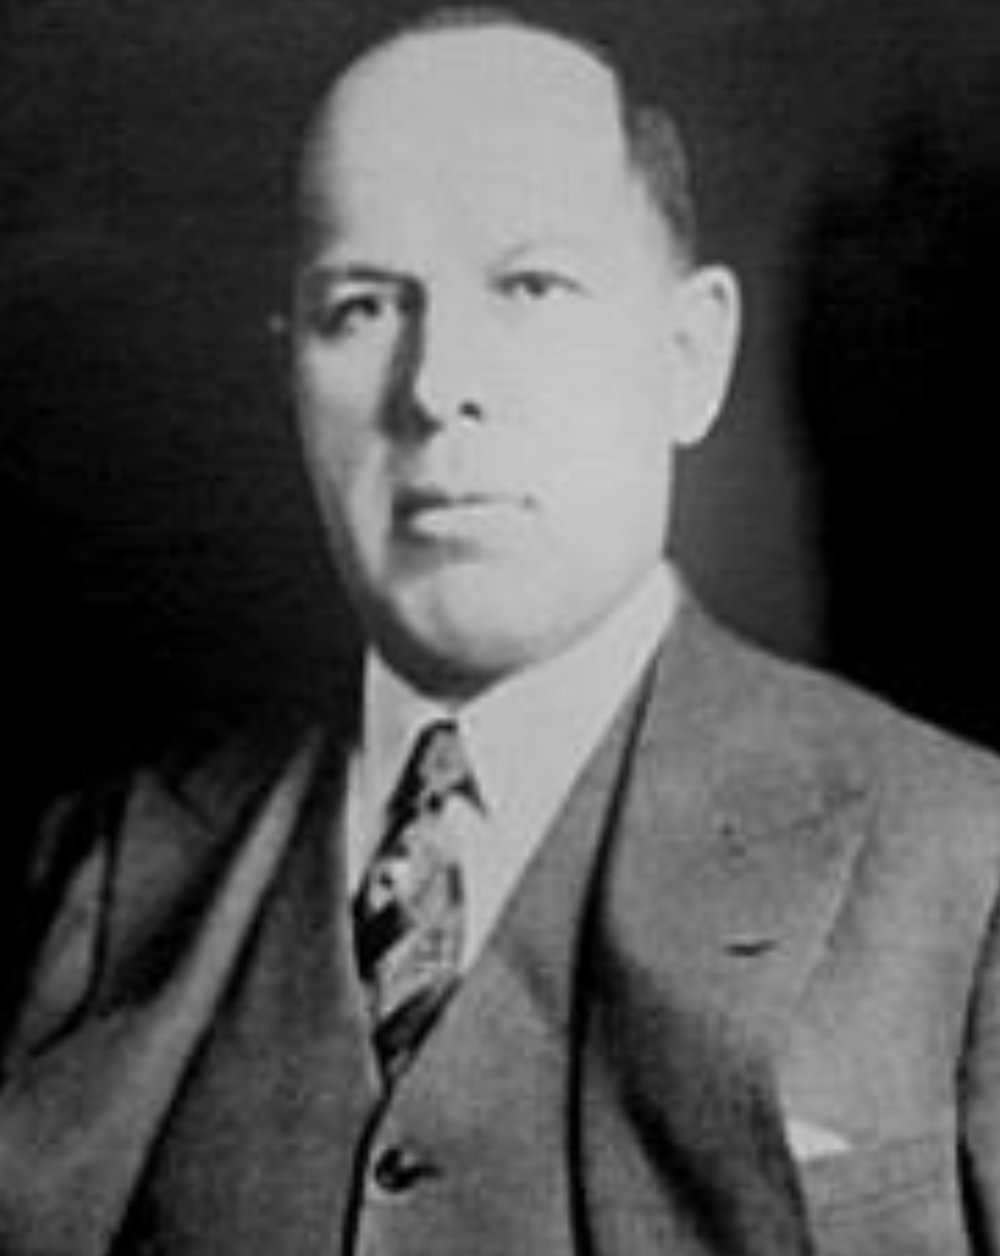 W. G. SKELLY